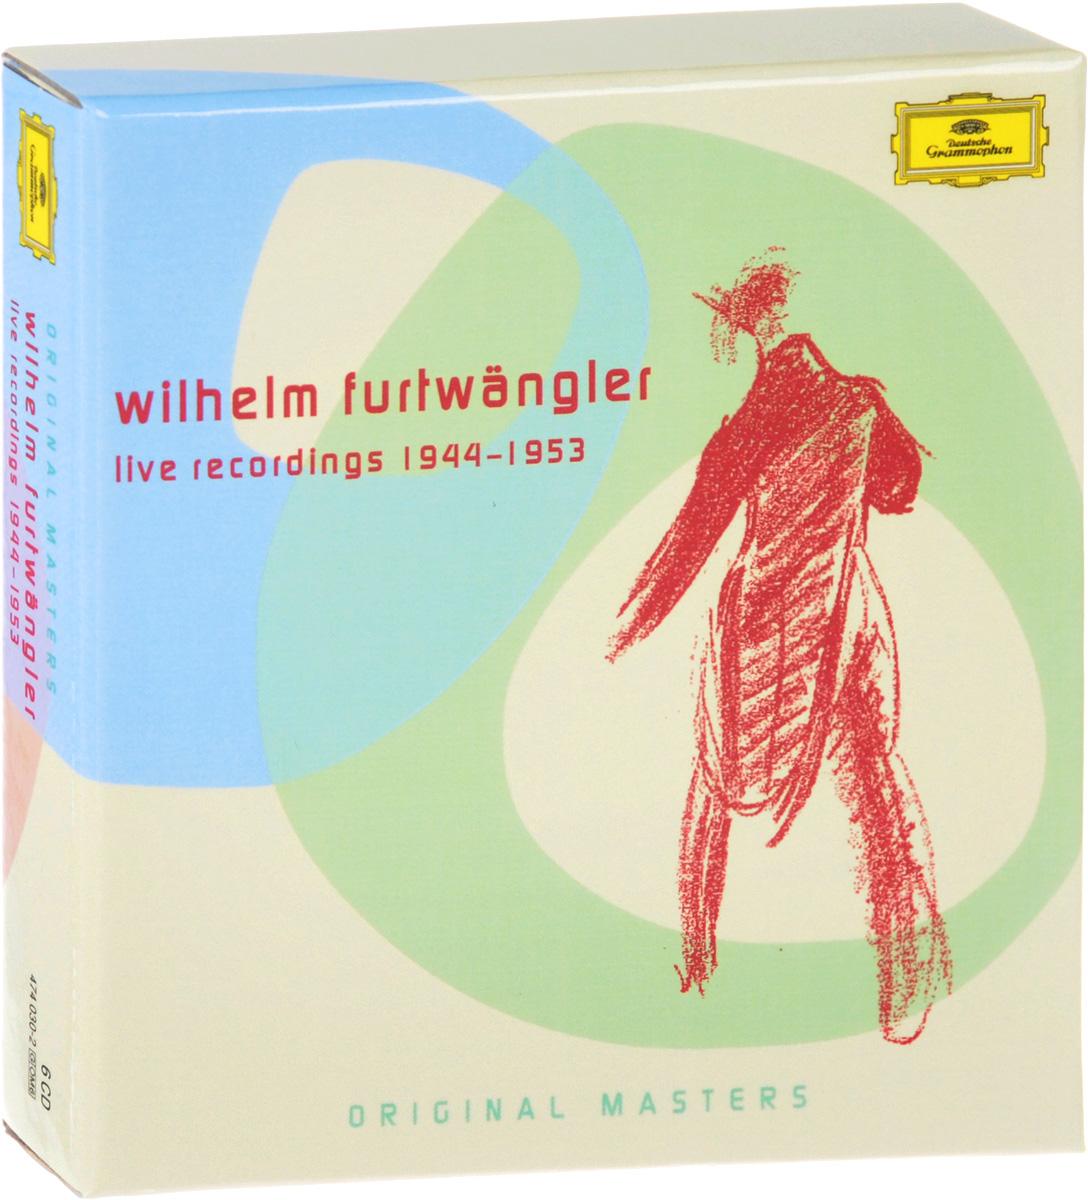 Wiener Philharmoniker,Вильгельм Фуртвенглер,Berliner Philharmoniker Wilhelm Furtwangler. Live Recordings 1944-1953 (6 CD) вильгельм фуртвенглер николай голованов вильгельм фуртвенглер xx s century greatest conductors